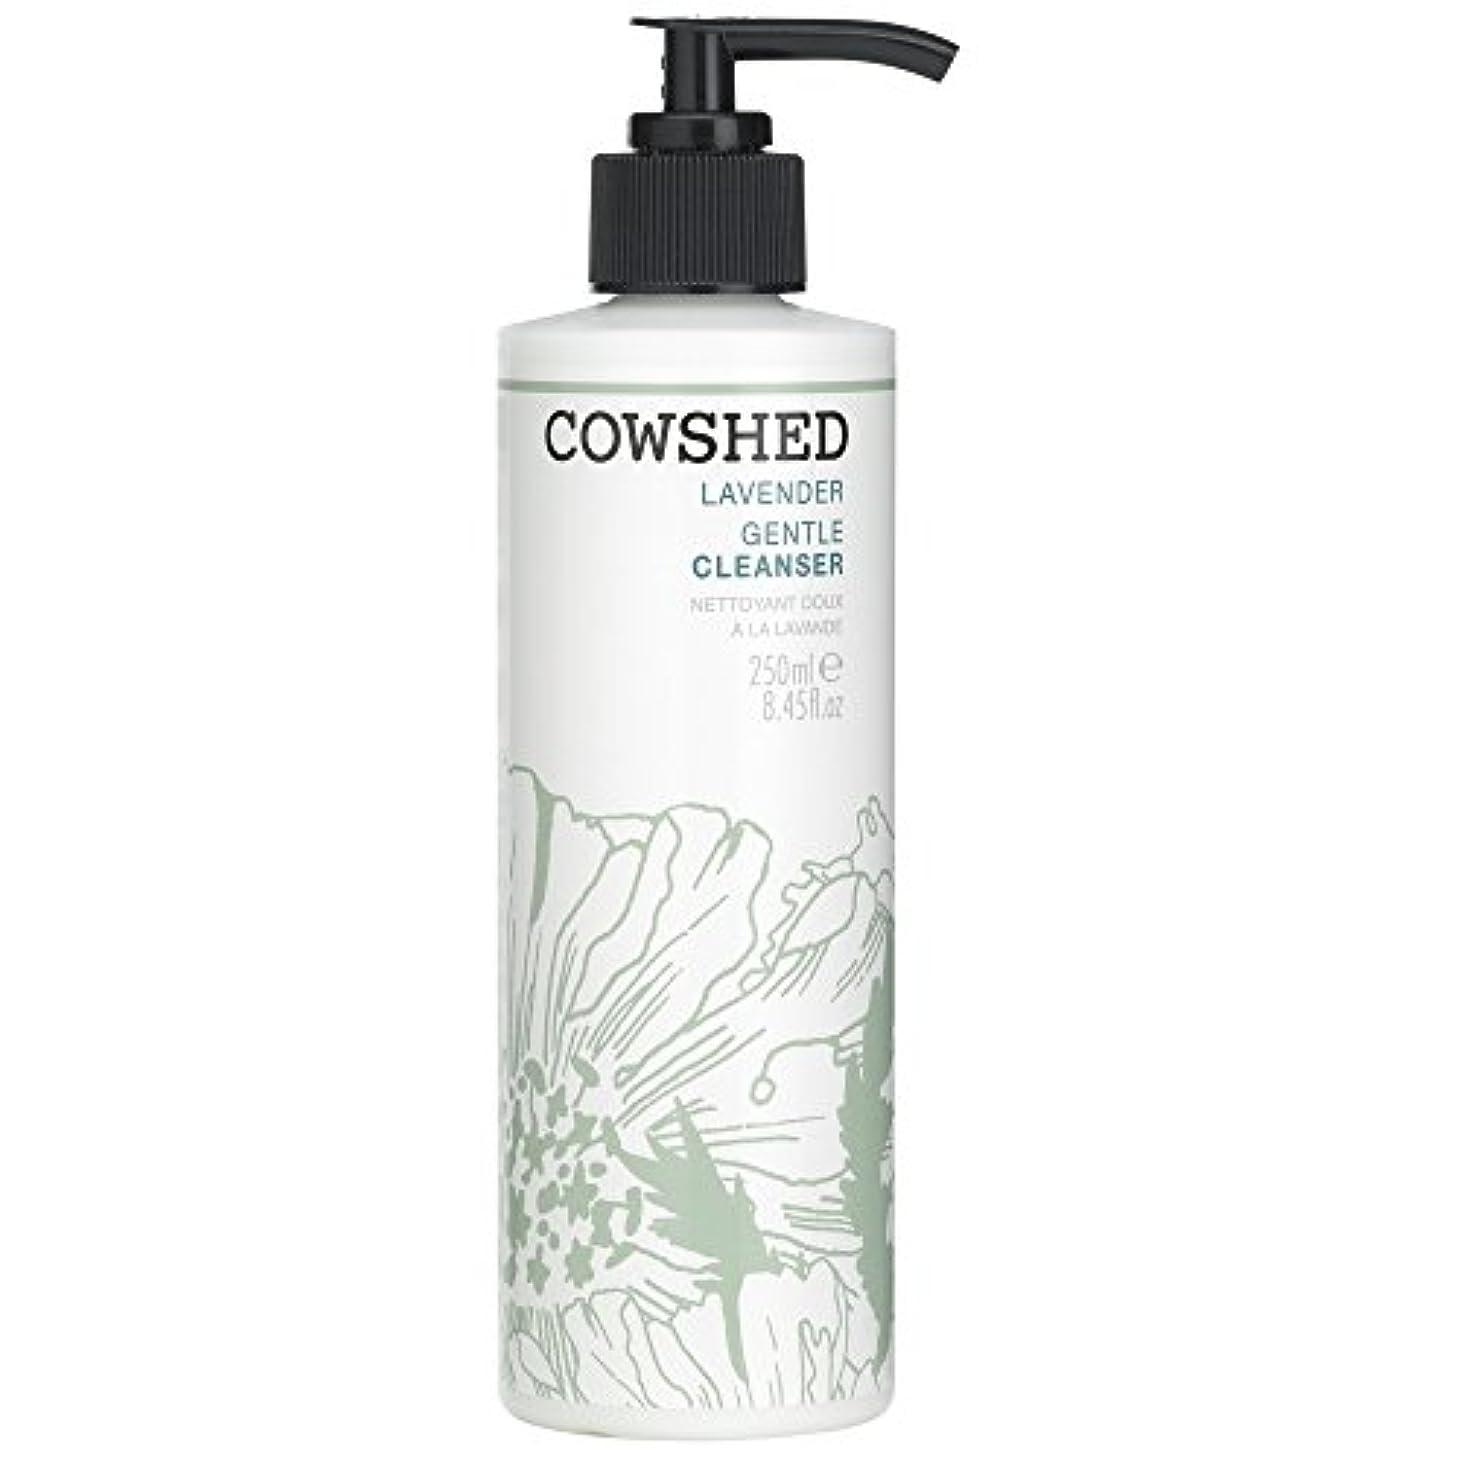 まあ違反ホールド牛舎ラベンダージェントルクレンザー、250ミリリットル (Cowshed) (x6) - Cowshed Lavender Gentle Cleanser, 250ml (Pack of 6) [並行輸入品]